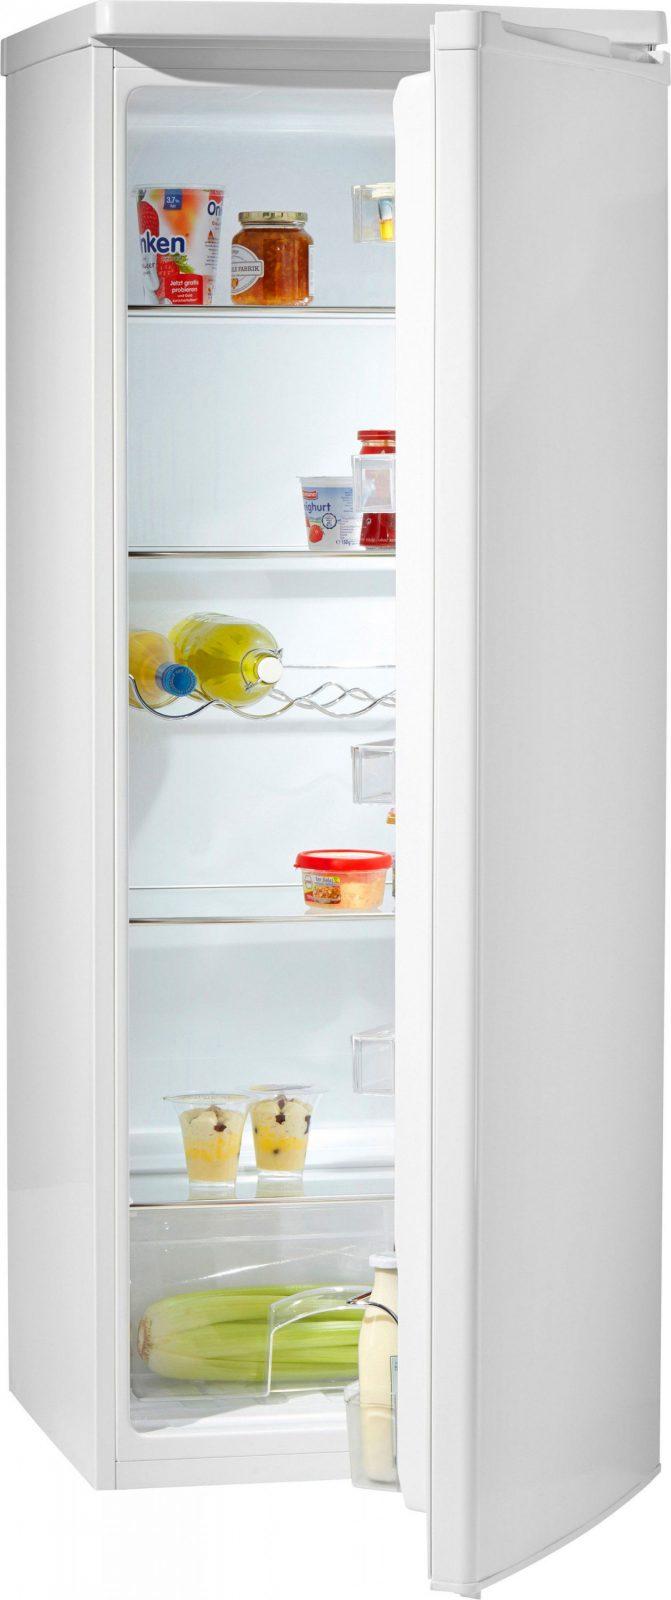 Kühlschrank Günstig Online Kaufen  Rechnung & Ratenkauf  Baur von Kühlschrank Schmal 40 Cm Bild